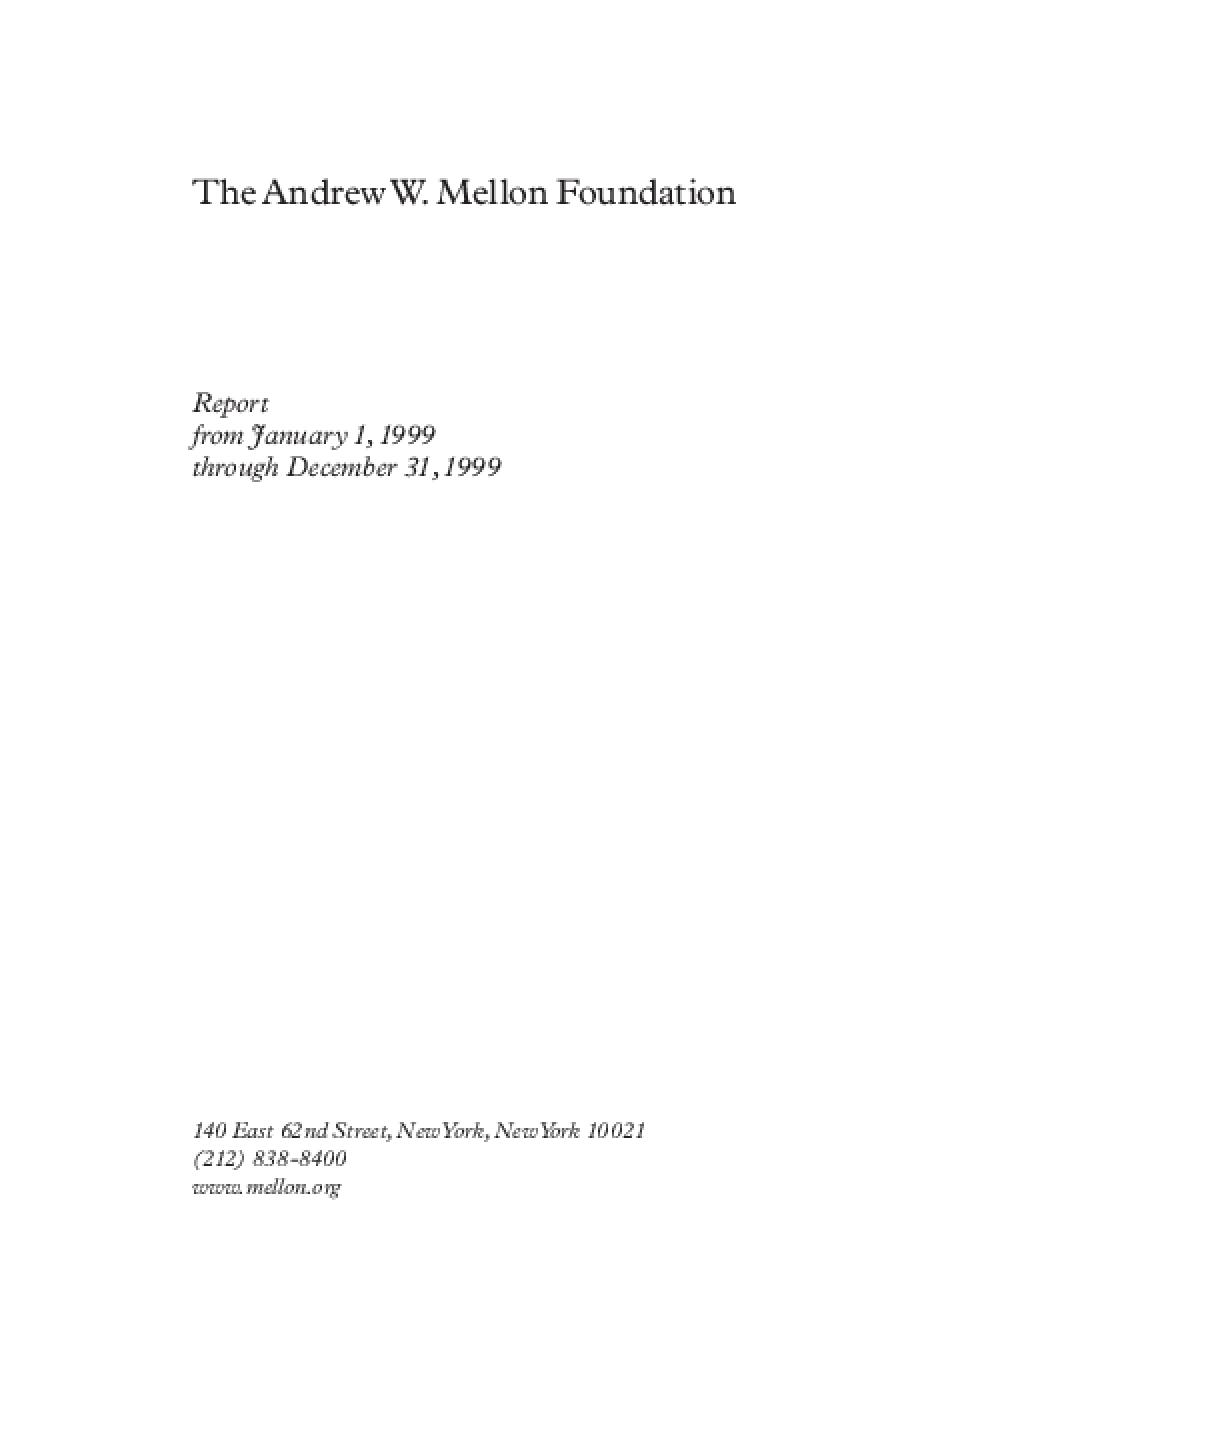 Andrew W. Mellon Foundation - 1999 Annual Report